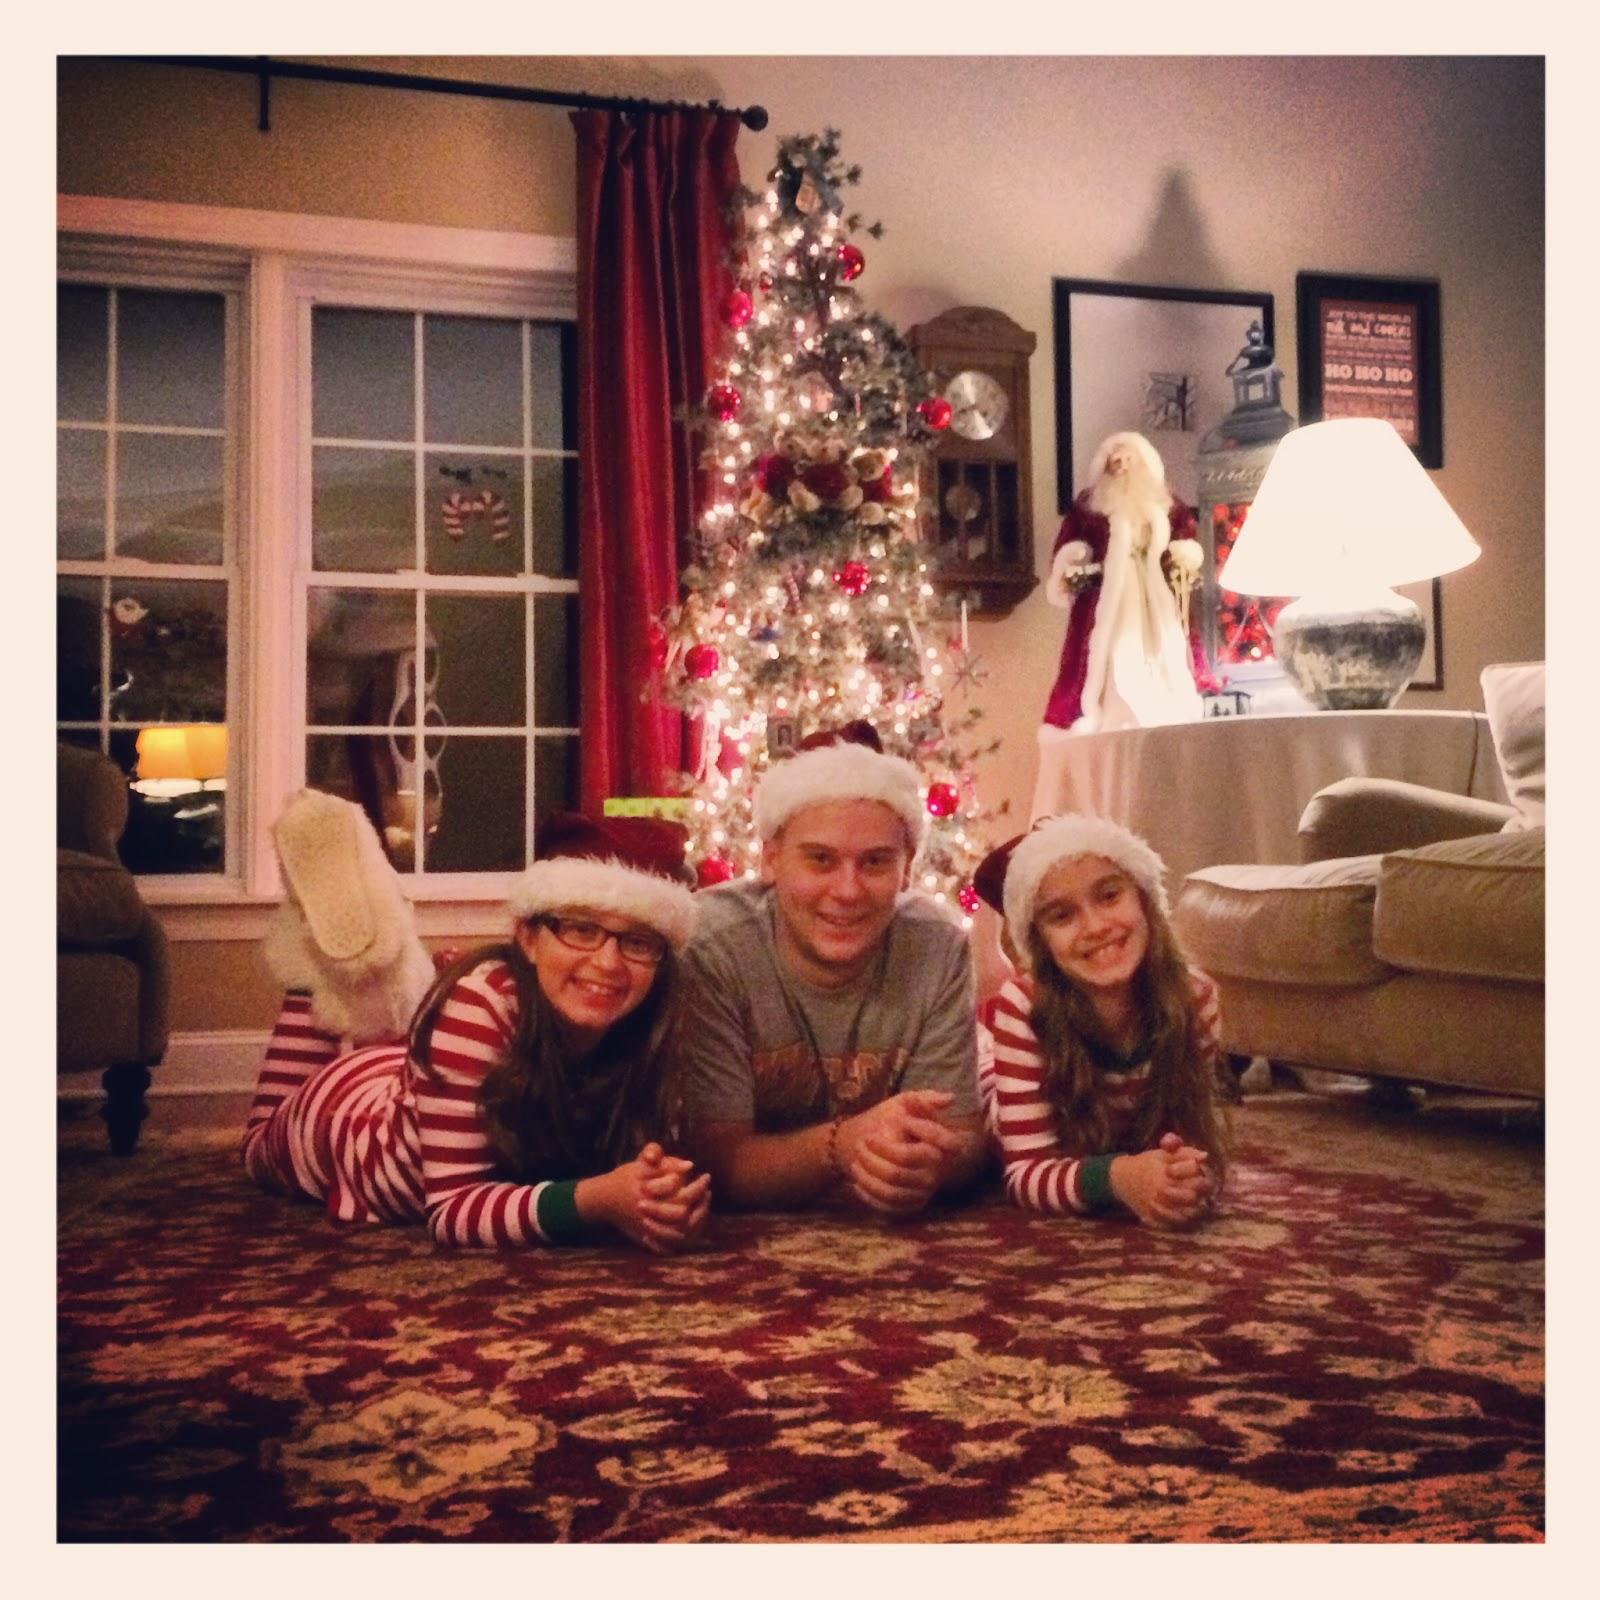 Christmas Eve | iloveitallwithmonikawright.com